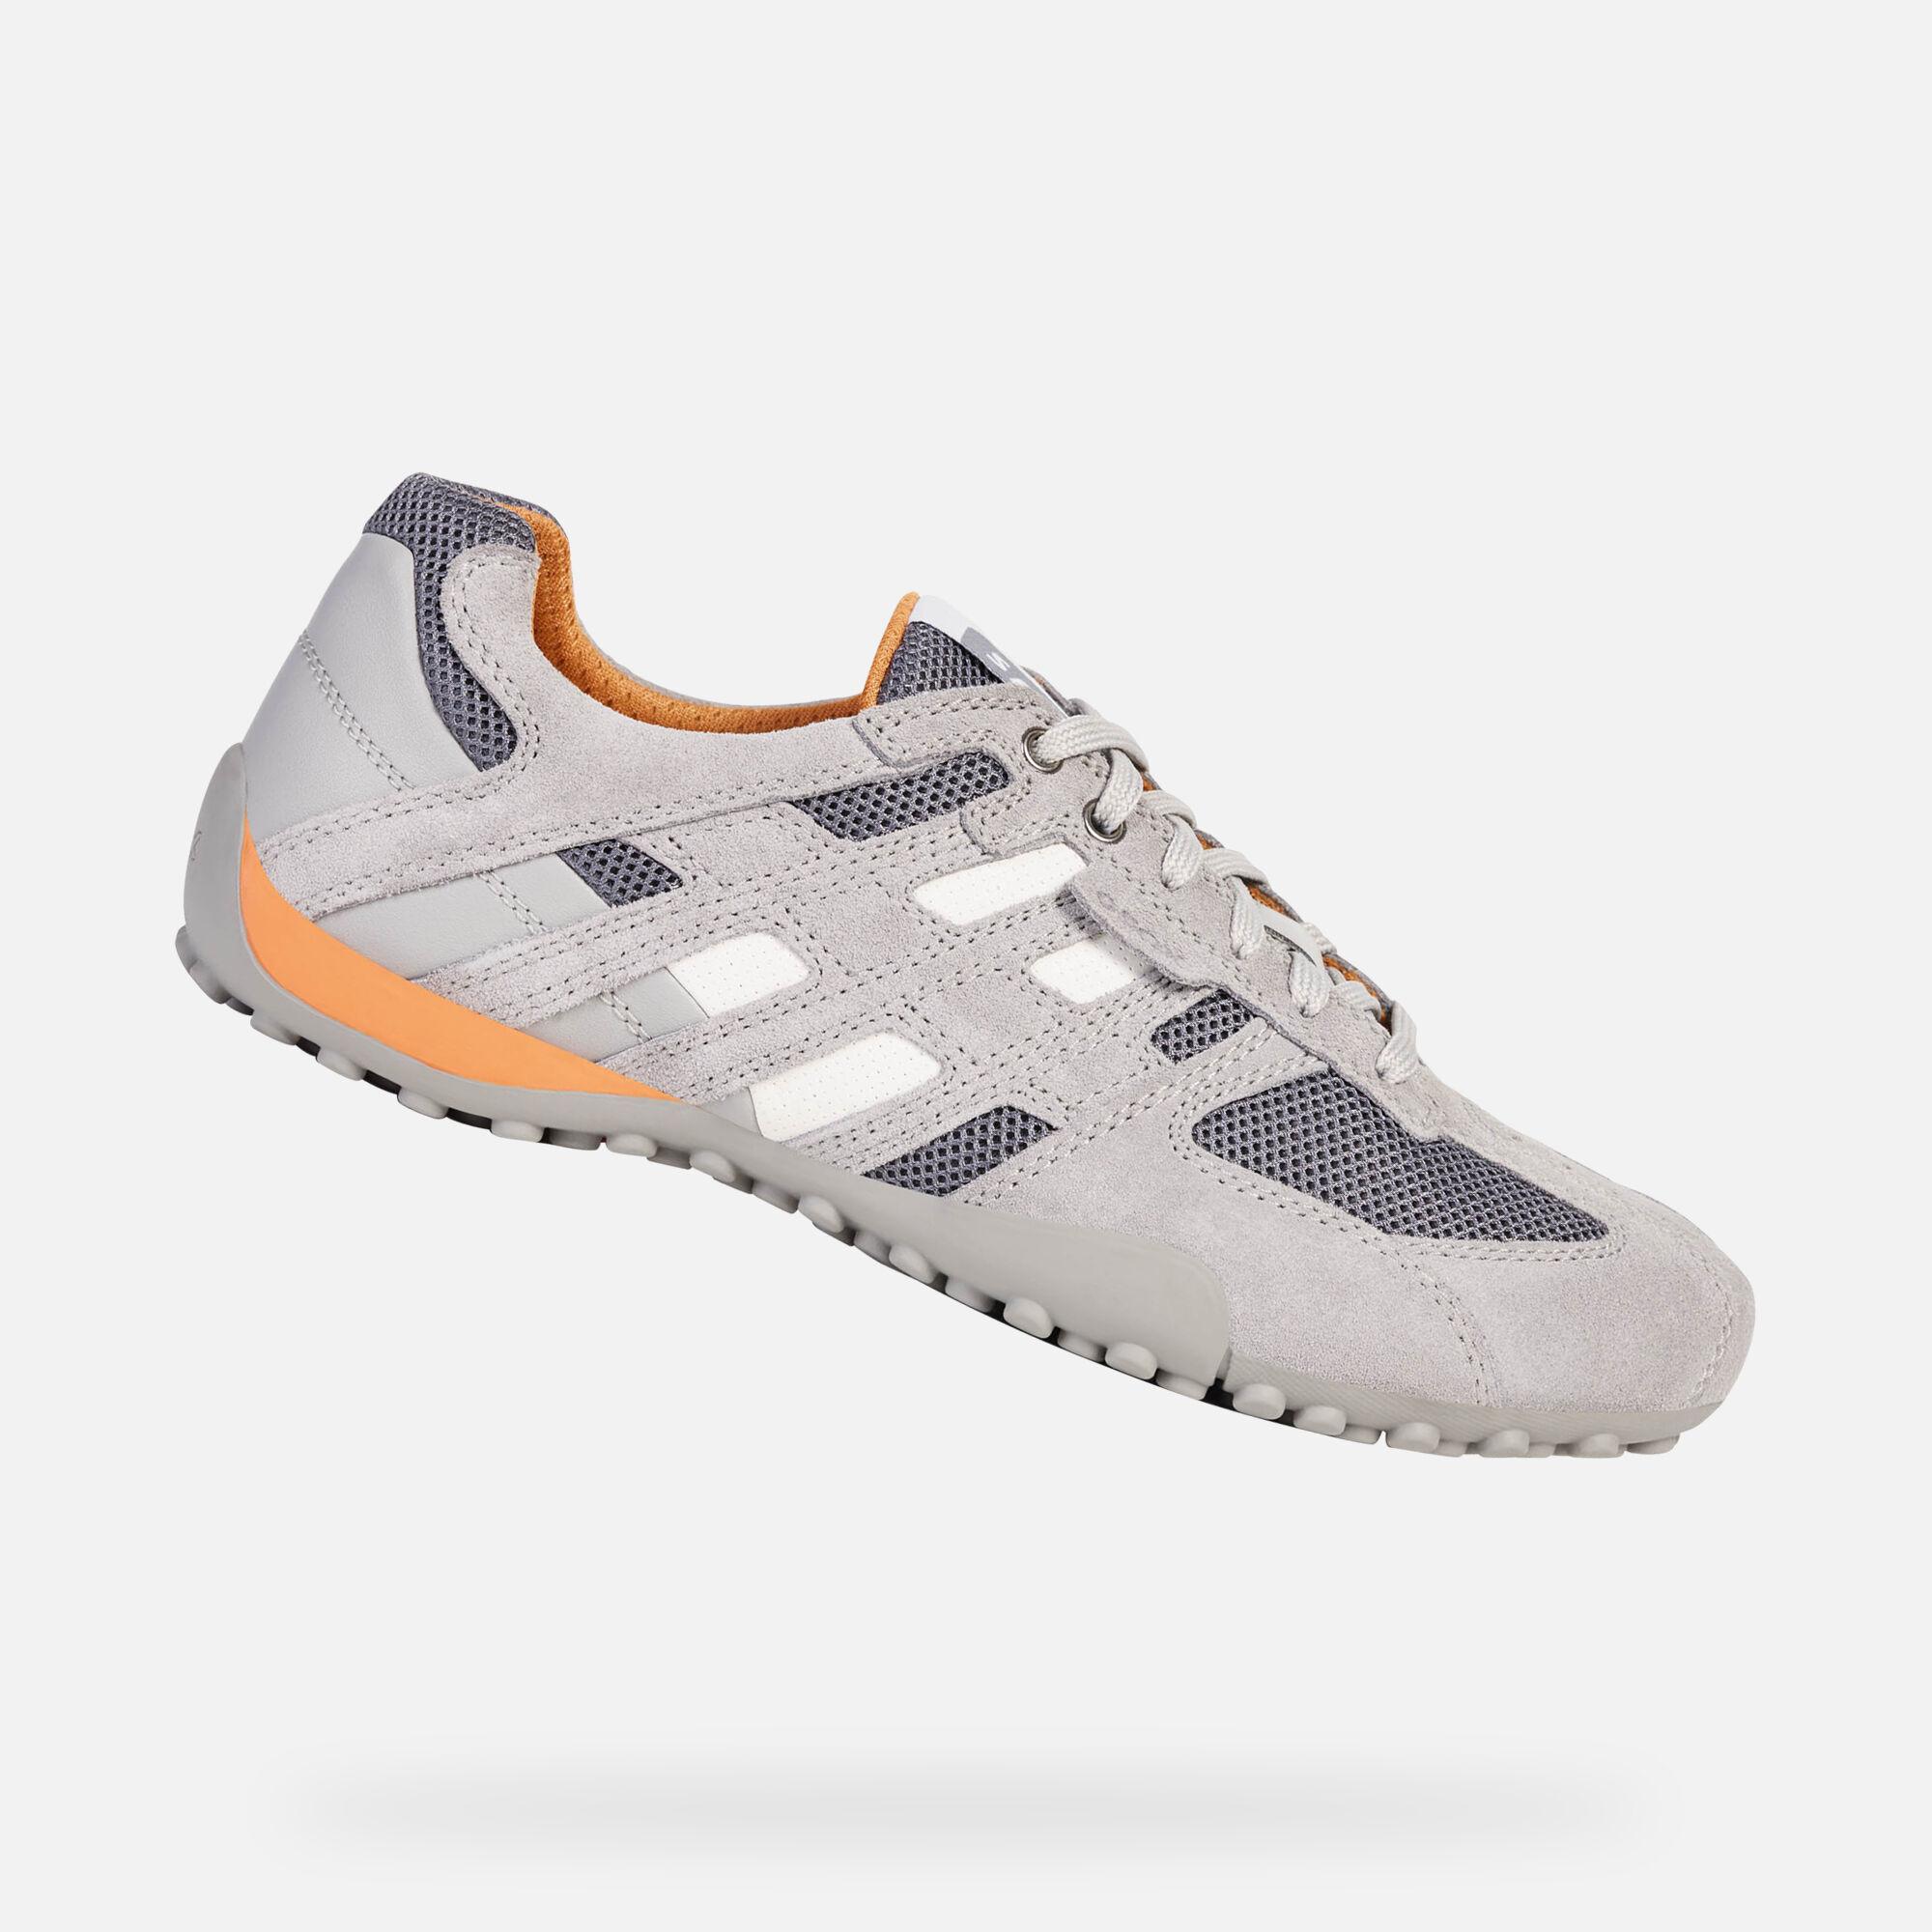 Geox SNAKE Grau Weiss Schuhe Sneaker Low Herren 69